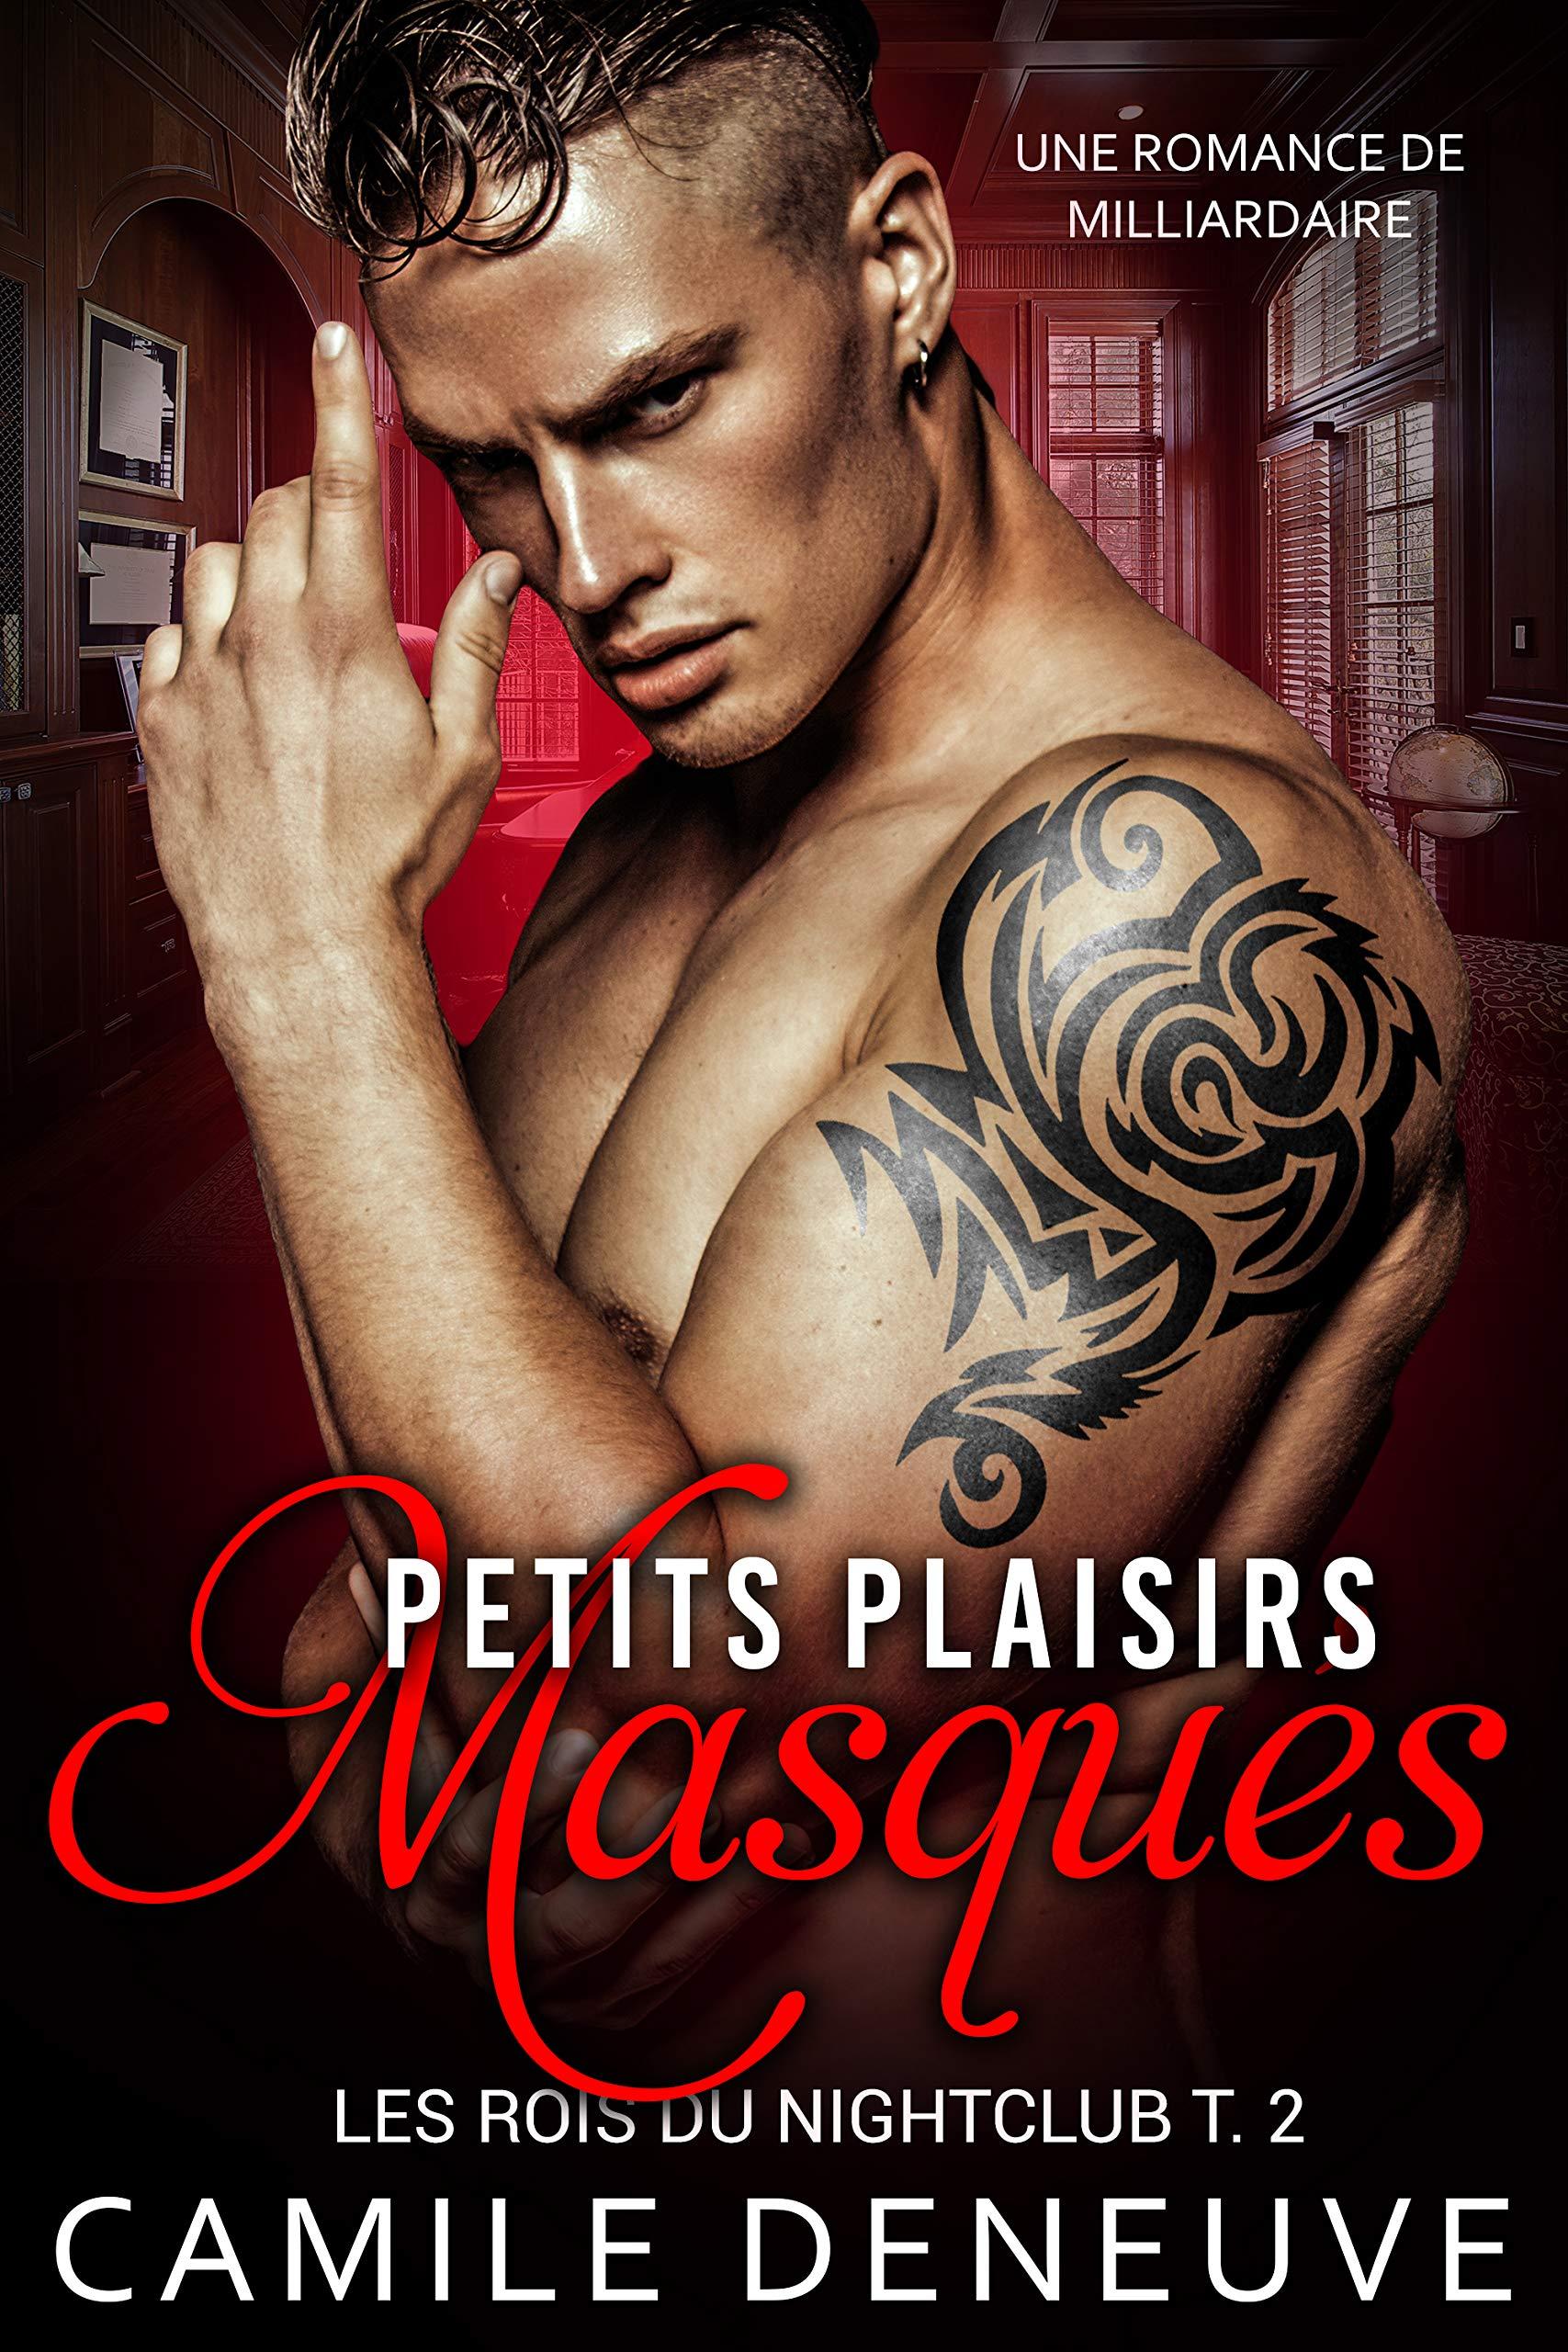 Petits plaisirs masqués: Une Romance de Milliardaire (Les Rois du Nightclub t. 2) por Camile Deneuve